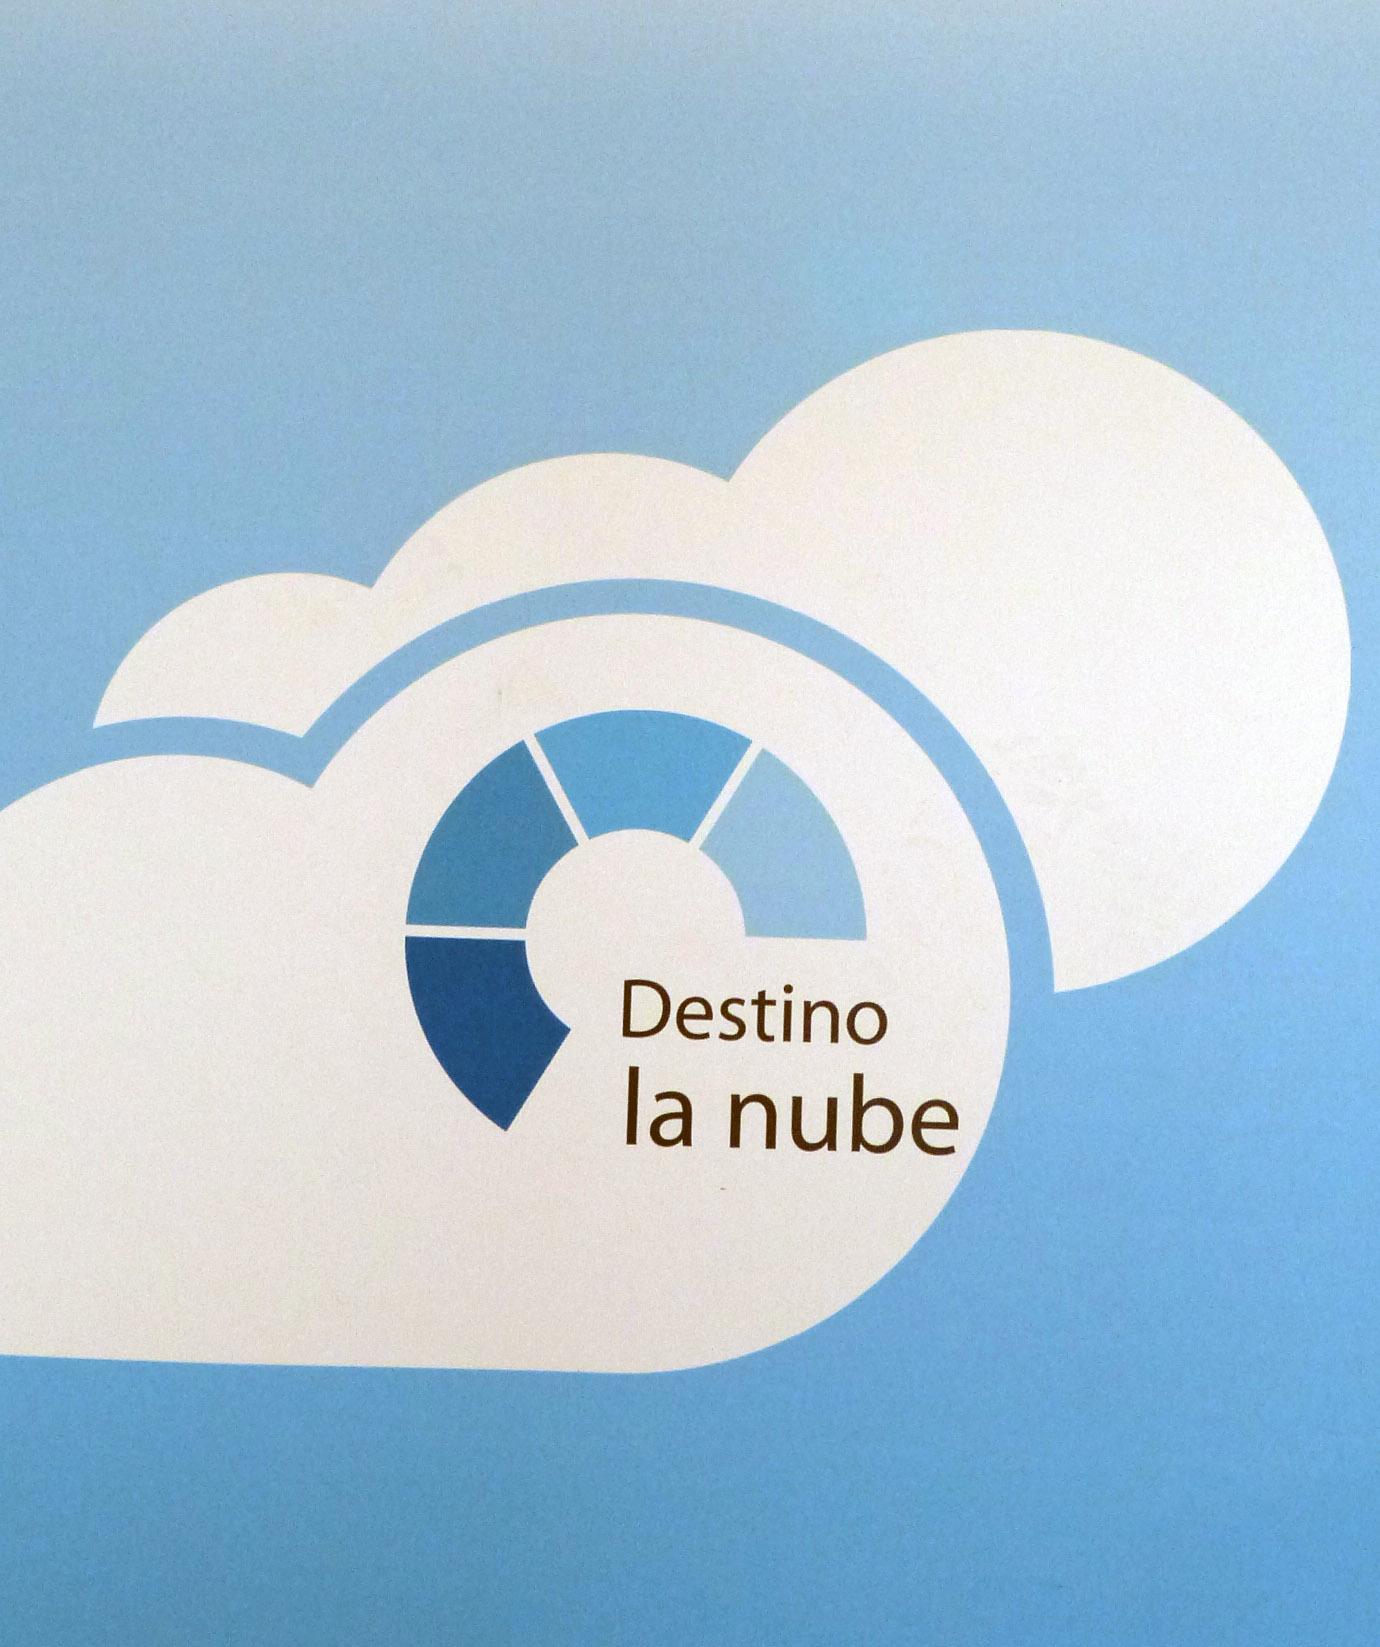 destino la nube microsoft 2012